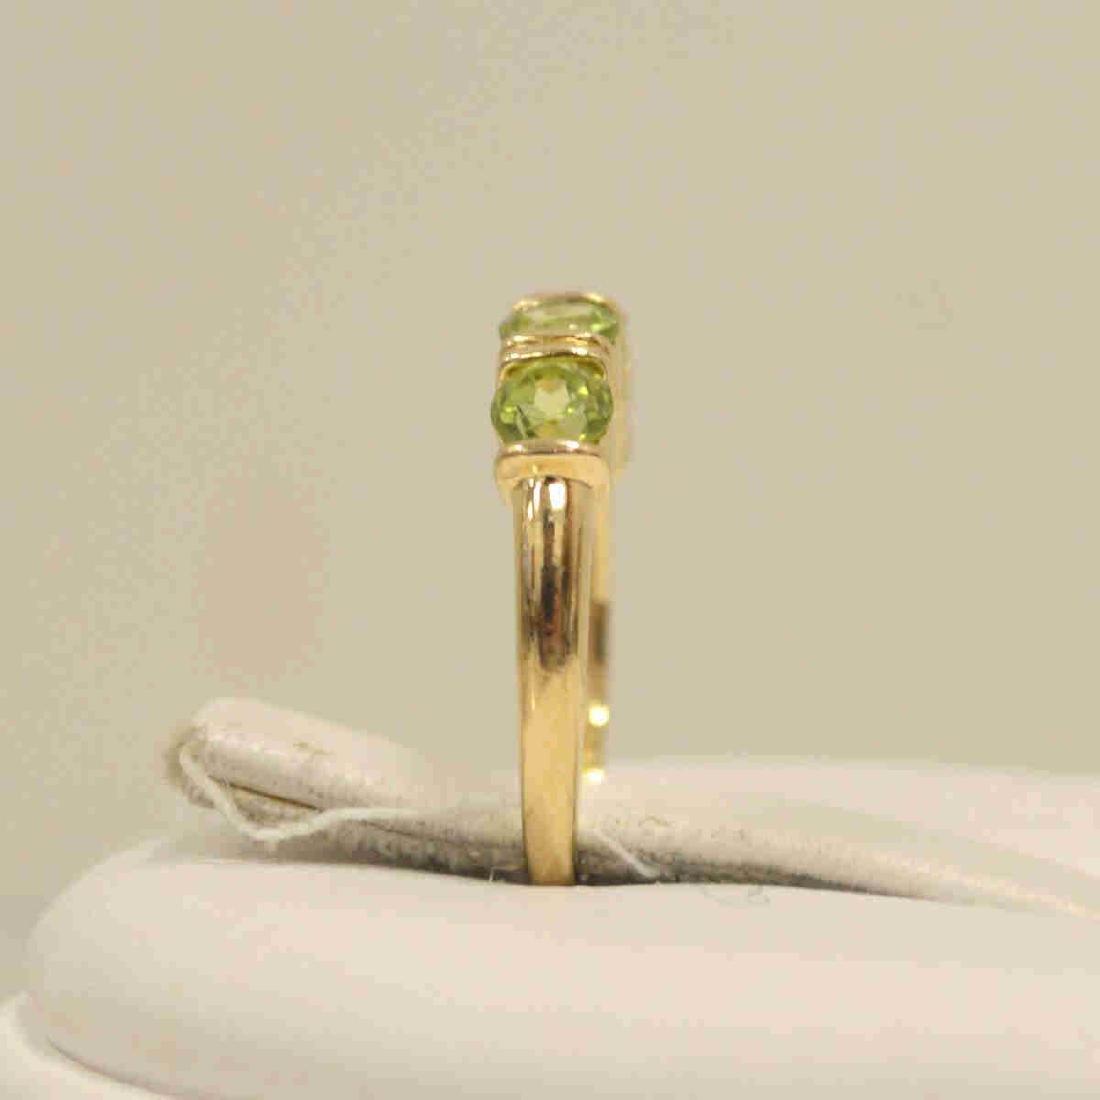 14kt yellow gold peridot fashion band - 4